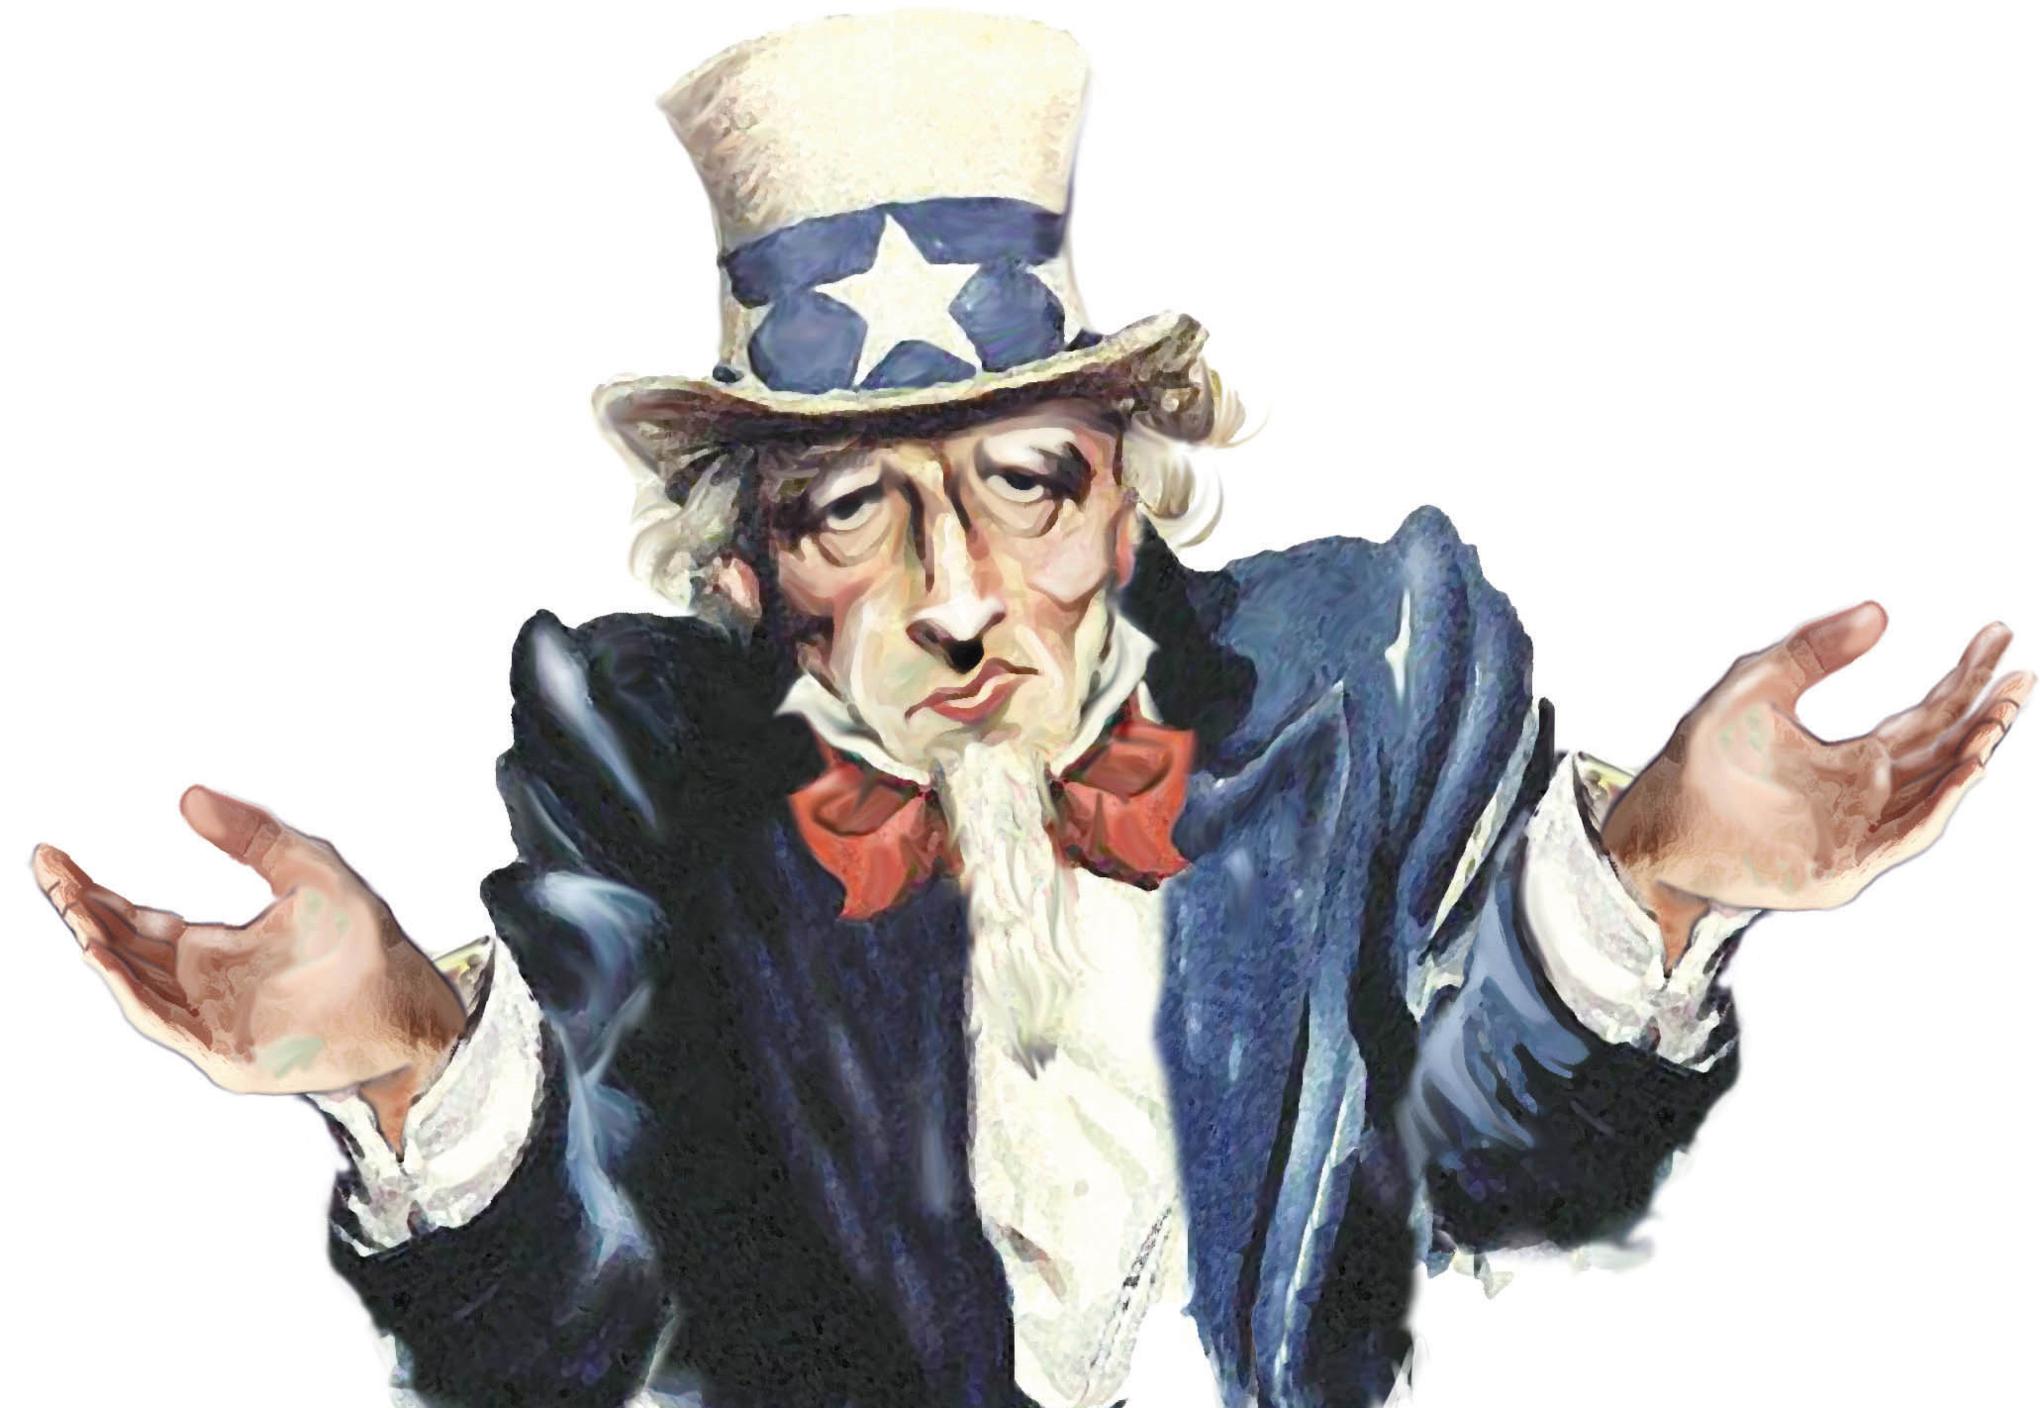 Дядя Сэм, мы все просрали: США признали, что их вооружение морально устарело